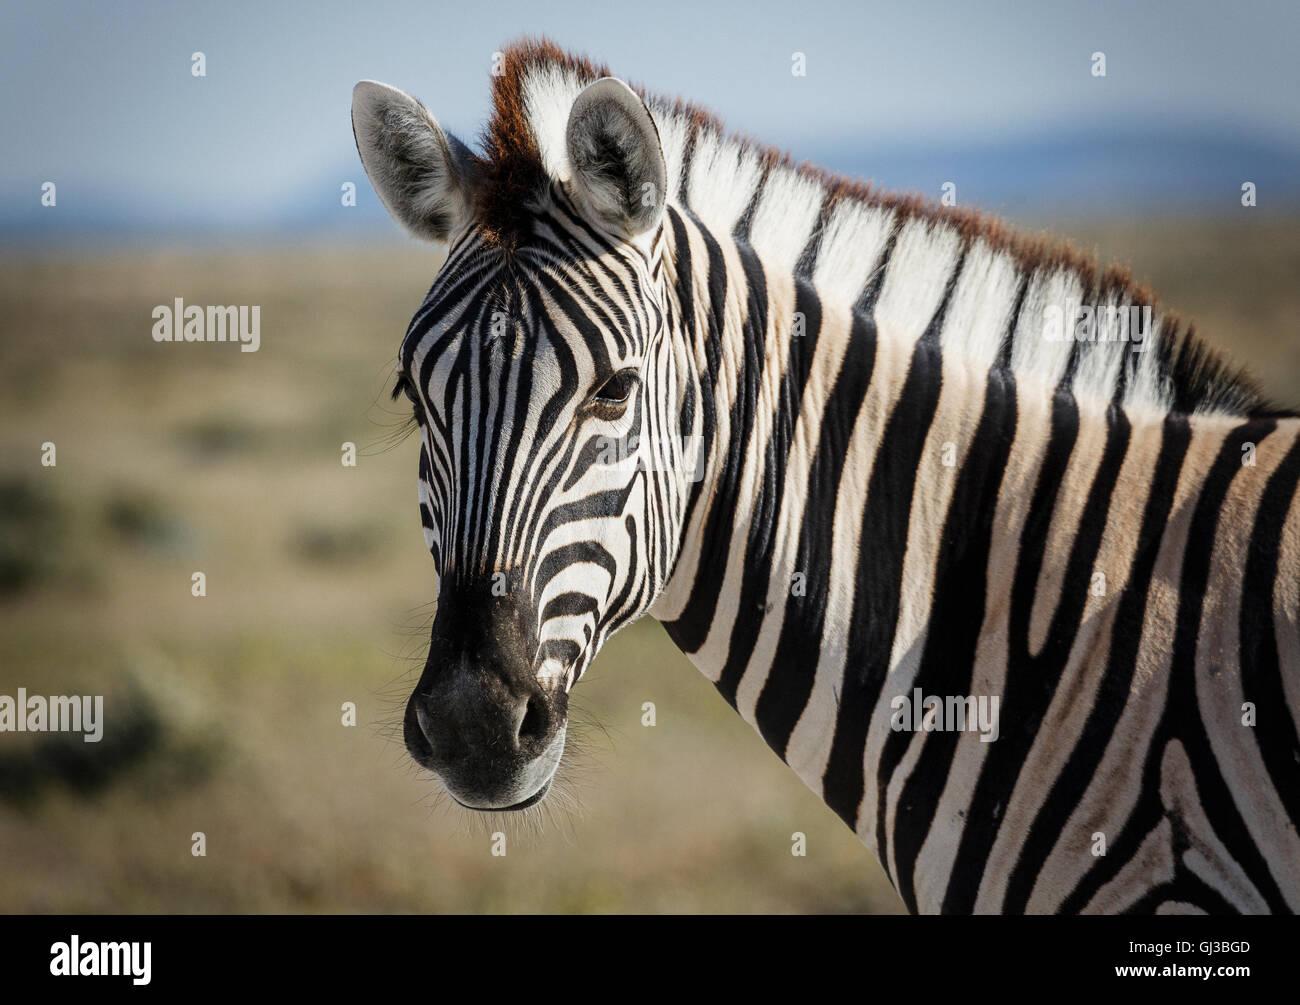 Zebra, Etosha National Park, Namibia - Stock Image